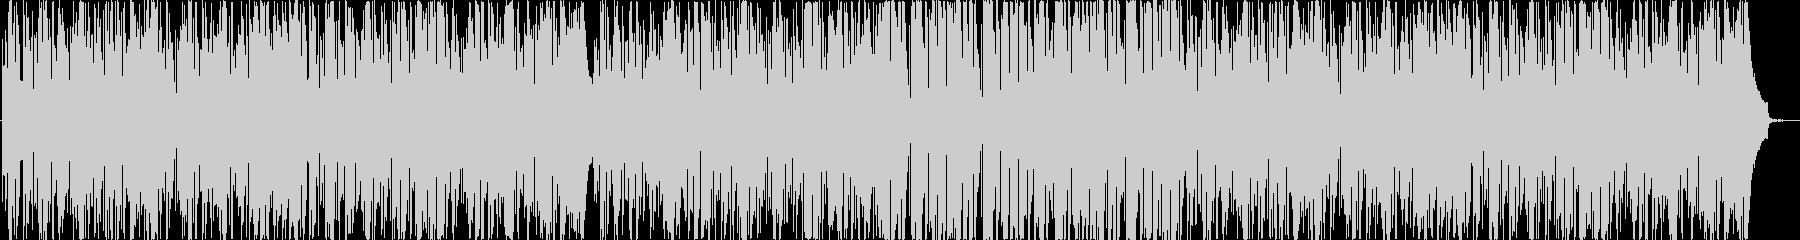 クールな疾走系ピアノテクノの未再生の波形